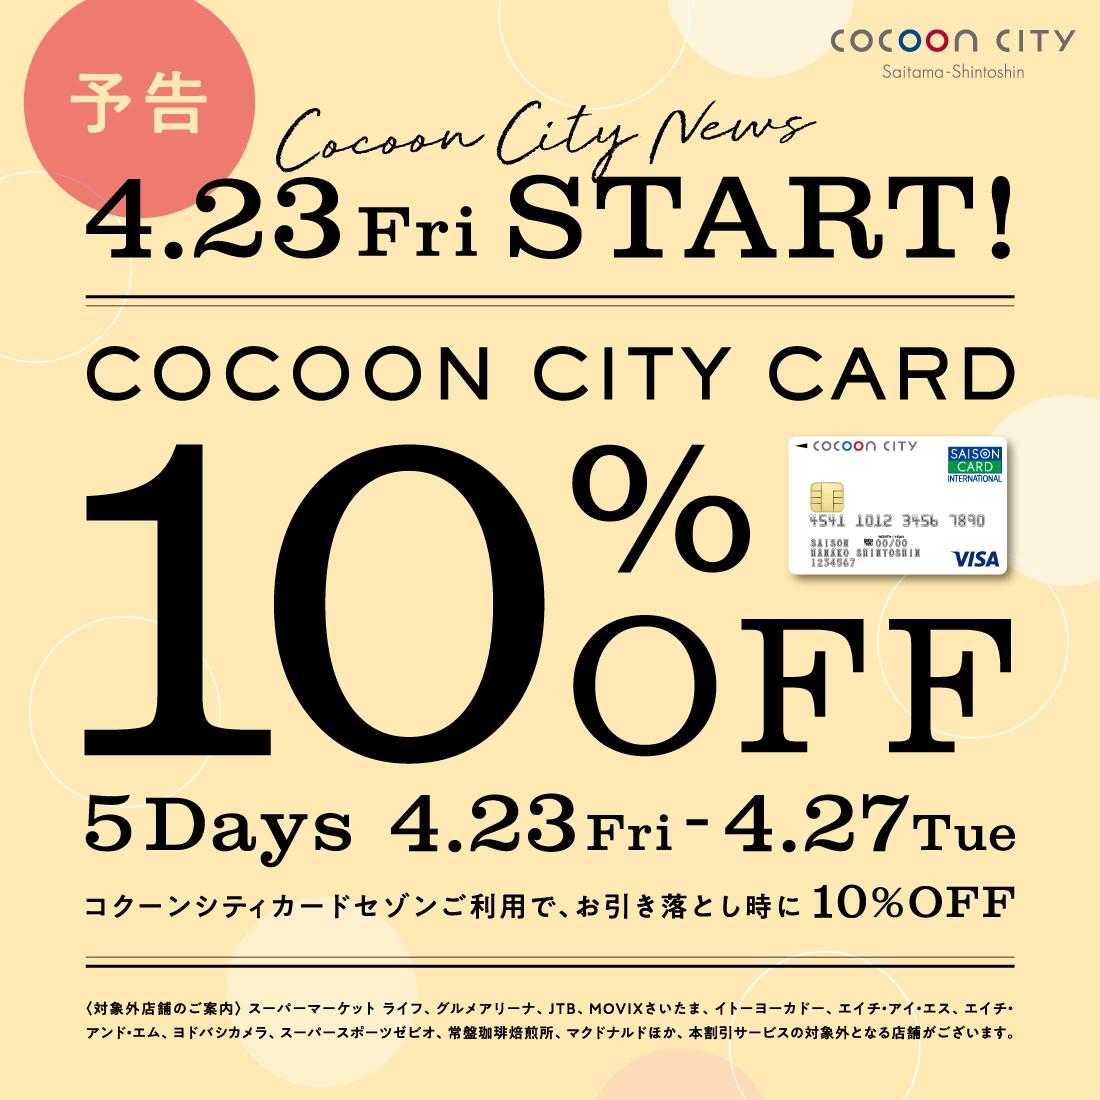 予告【4月23日(金)から】コクーンシティカード10%OFF!